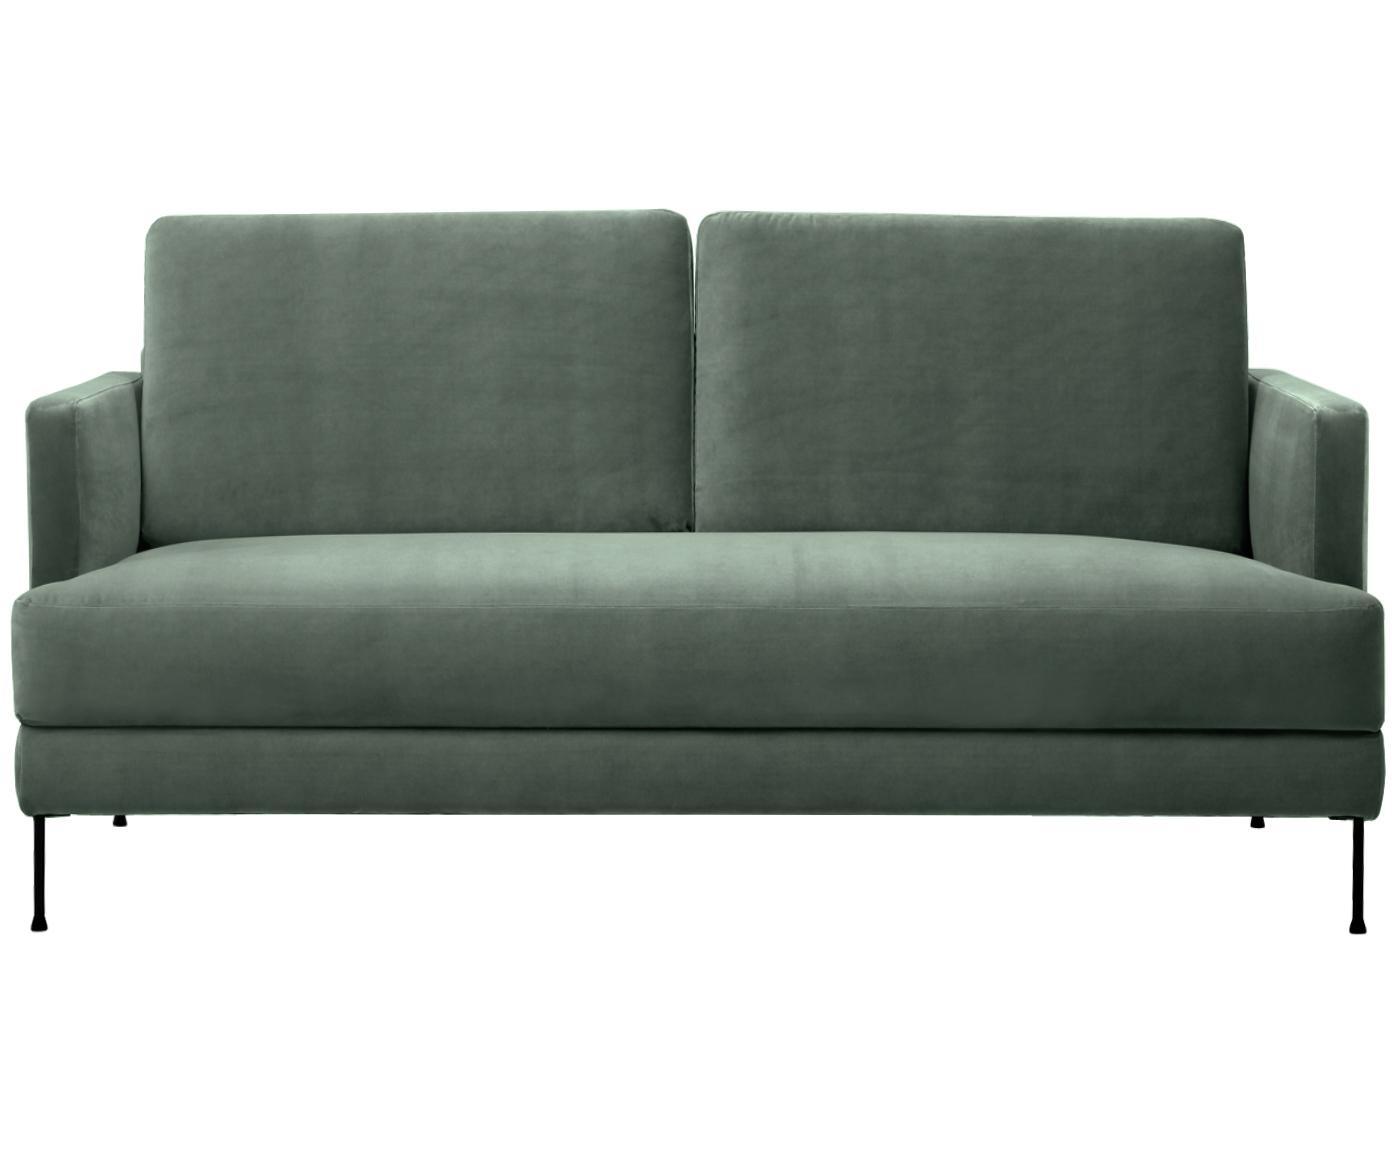 Sofa z aksamitu Fluente (2-osobowa), Tapicerka: aksamit (wysokiej jakości, Stelaż: lite drewno sosnowe, Nogi: metal lakierowany, Aksamitny zielony, S 168 x G 83 cm